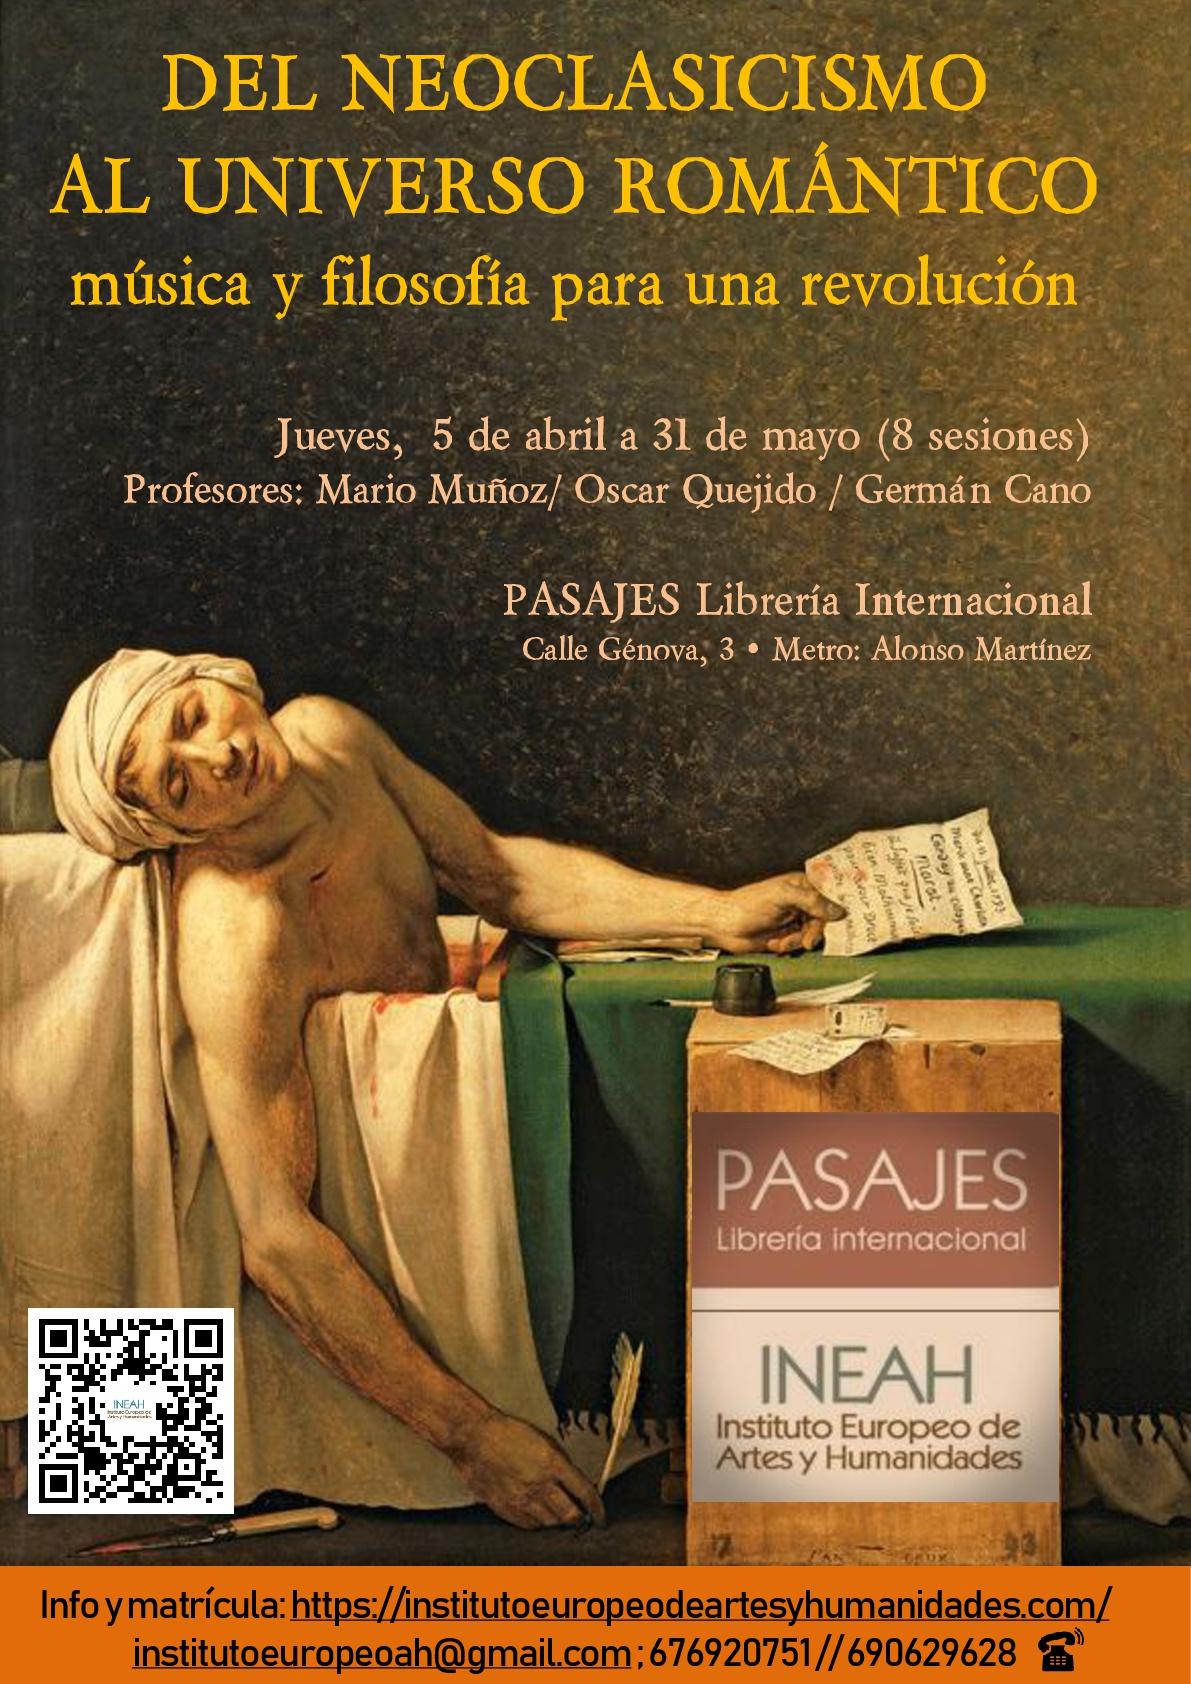 Del Neoclasicismo al Universo romántico: música y filosofía para una revolución